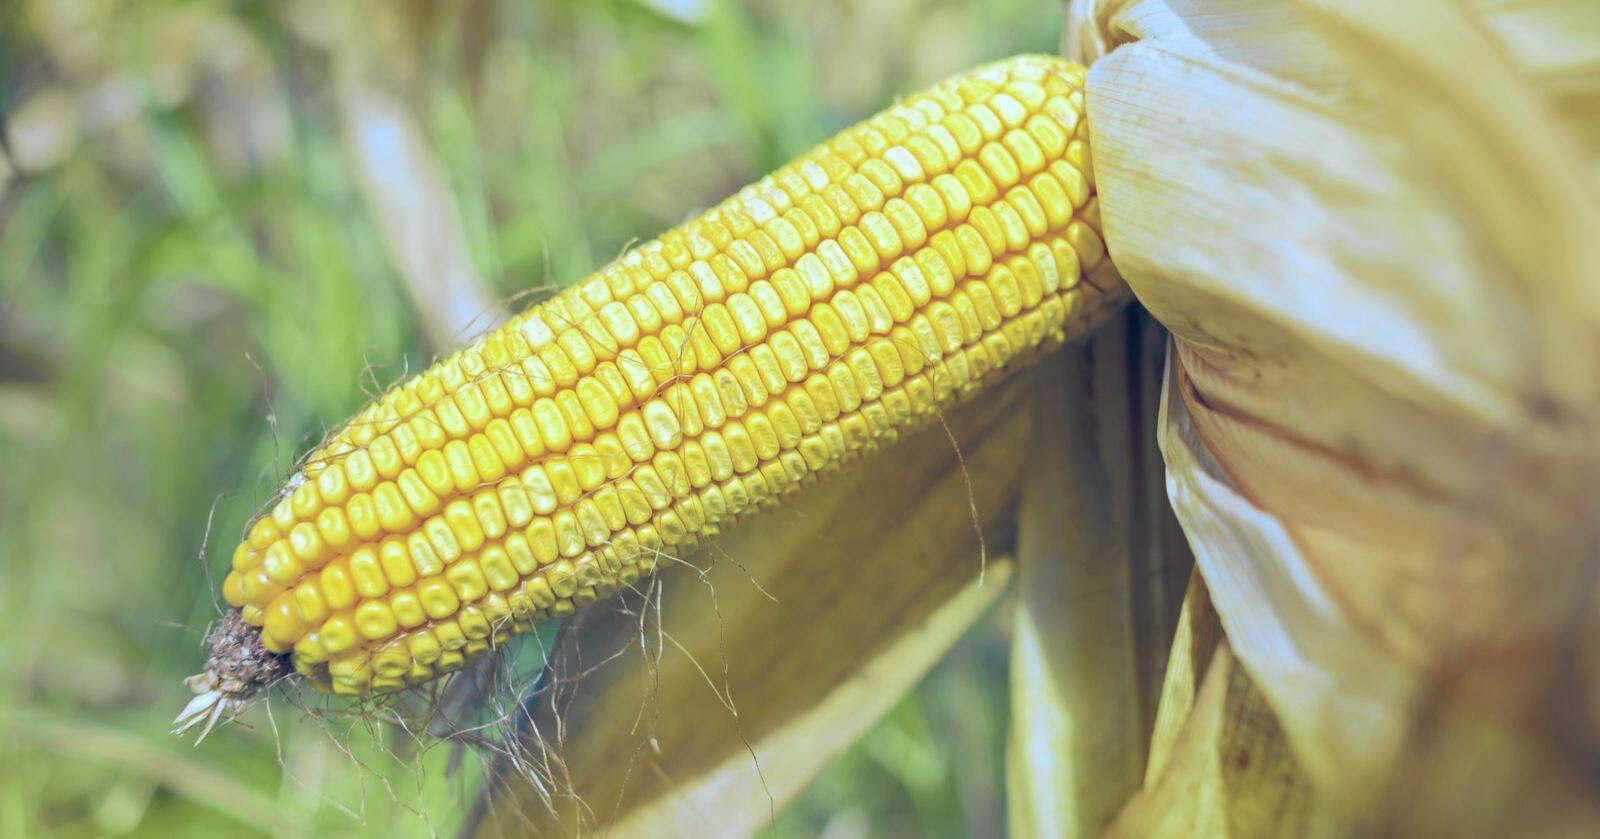 Nordmenn er fortsatt skeptisk til GMO, men enkelte mener det er nødvendig. Foto: Igor Stevanovic / Mostphotos